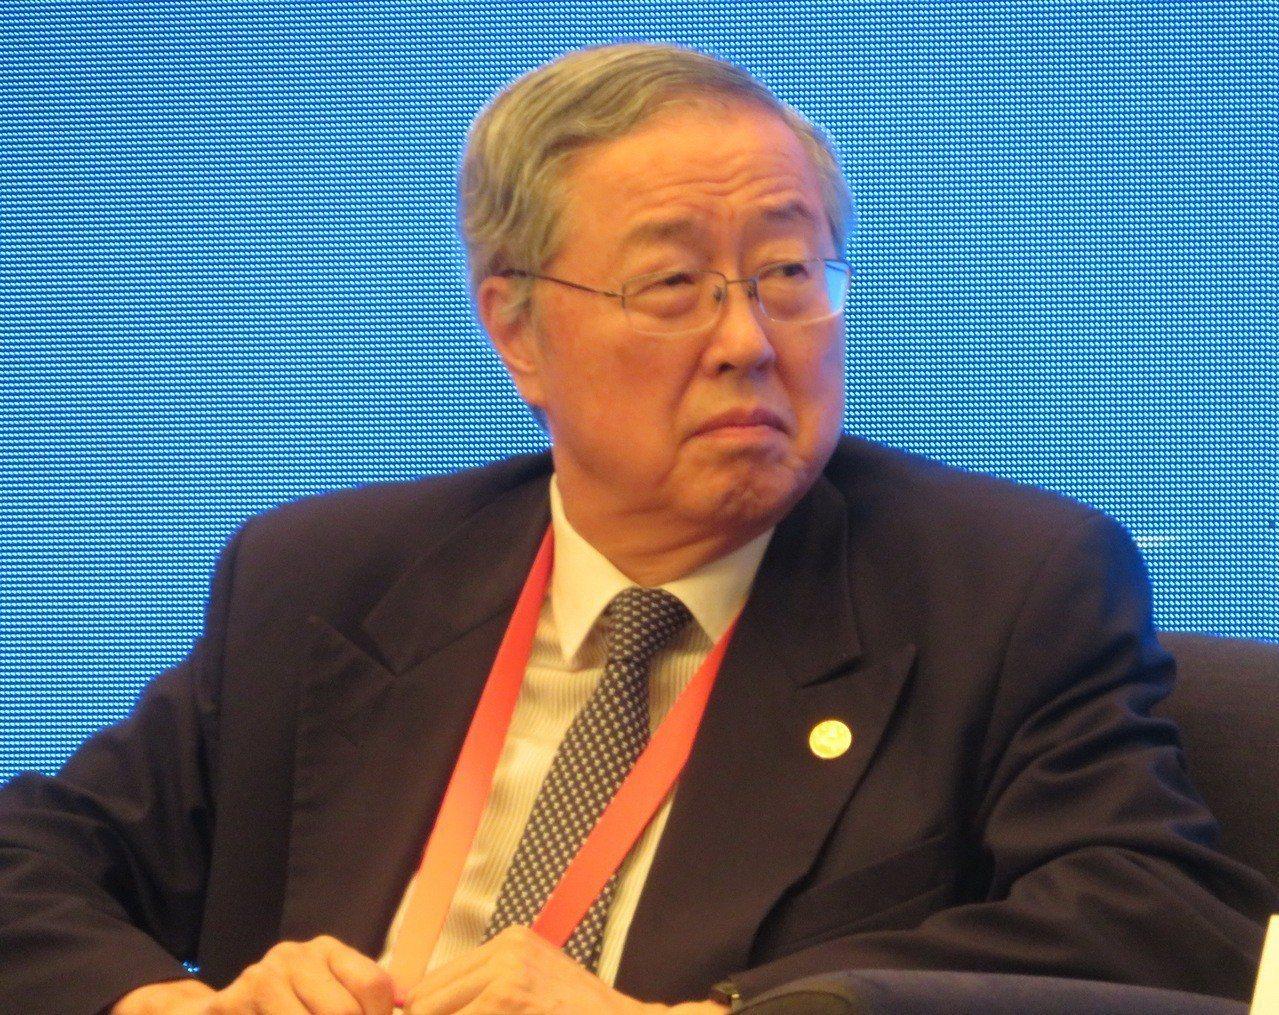 中國人民銀行前行長周小川警告,貿易戰恐將導致全球再次出現貨幣競爭性貶值,讓整個世...